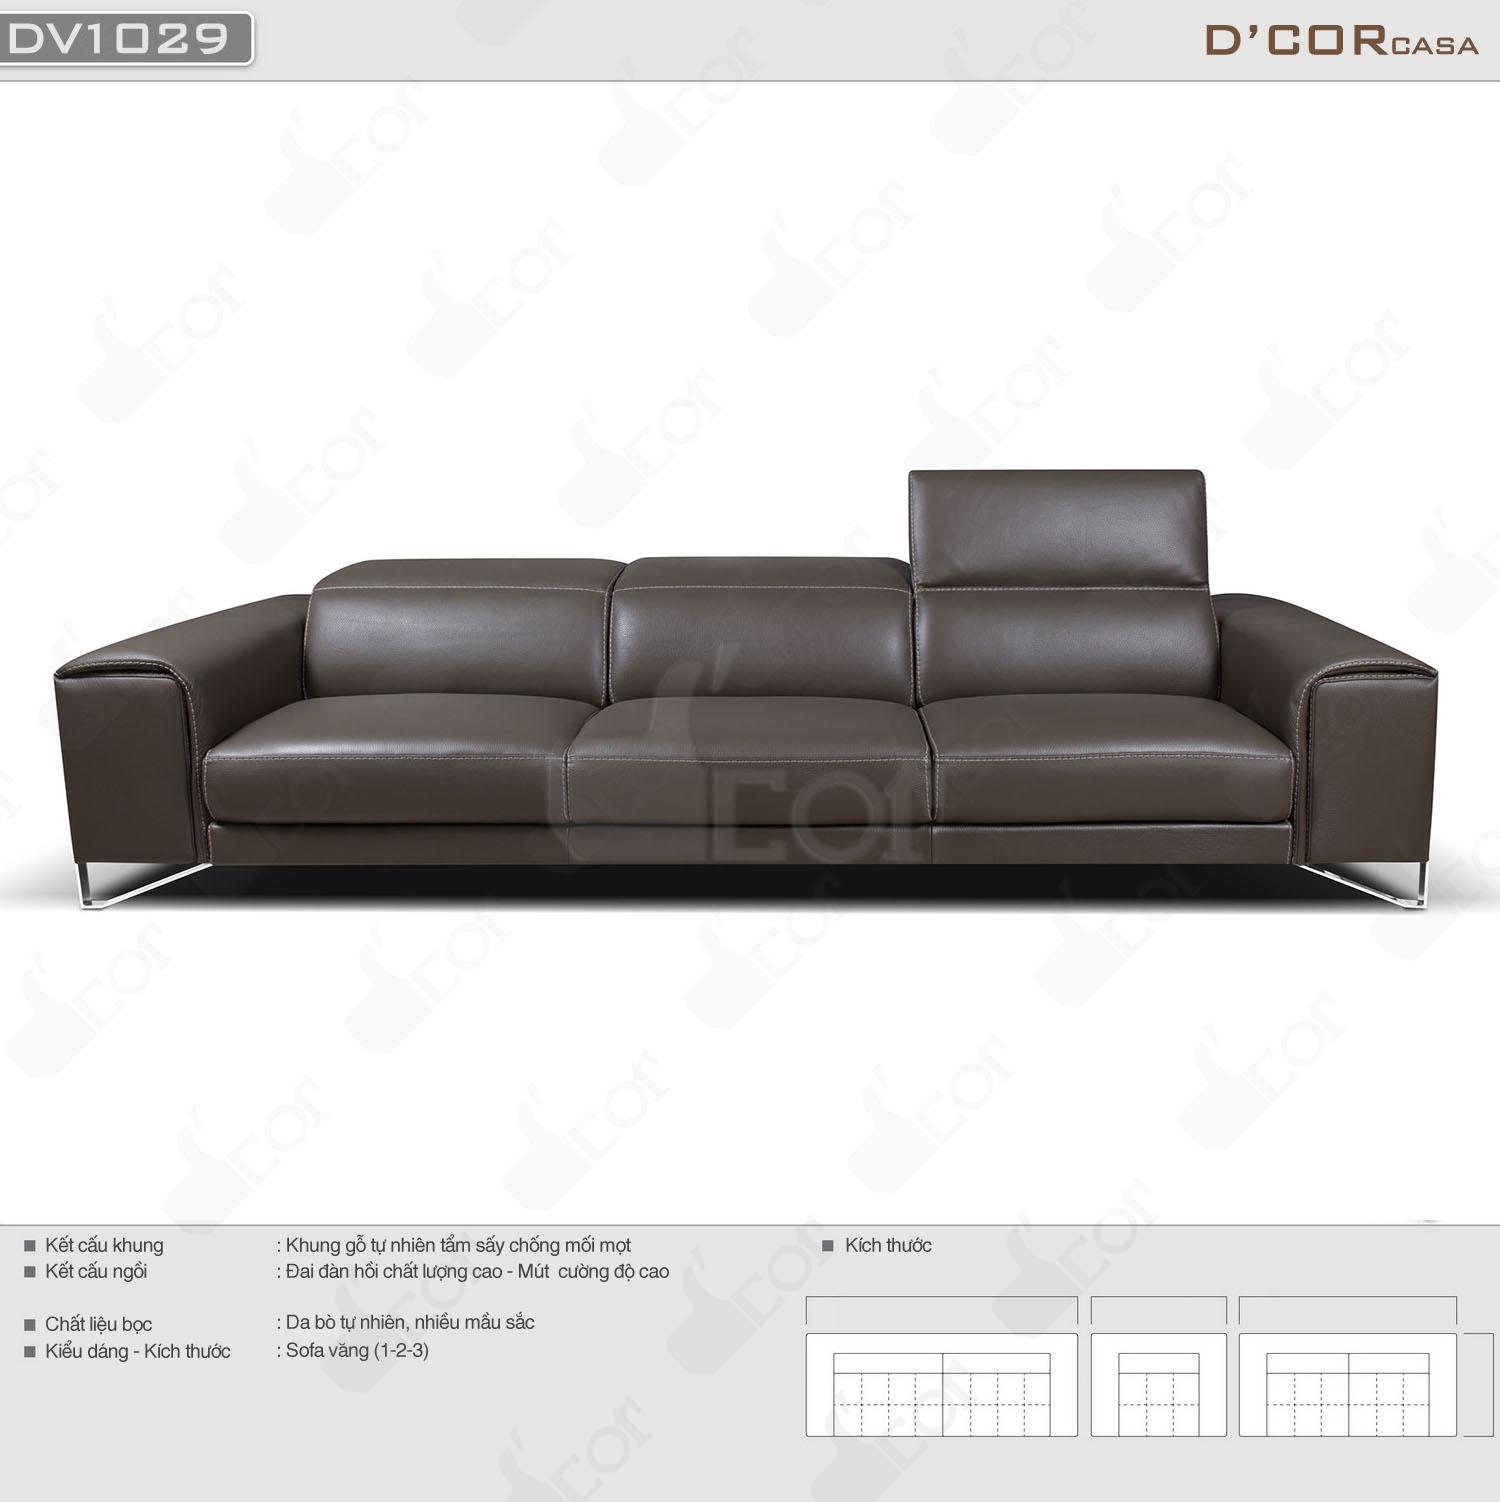 Bộ sofa văng italia Saporini - Maya